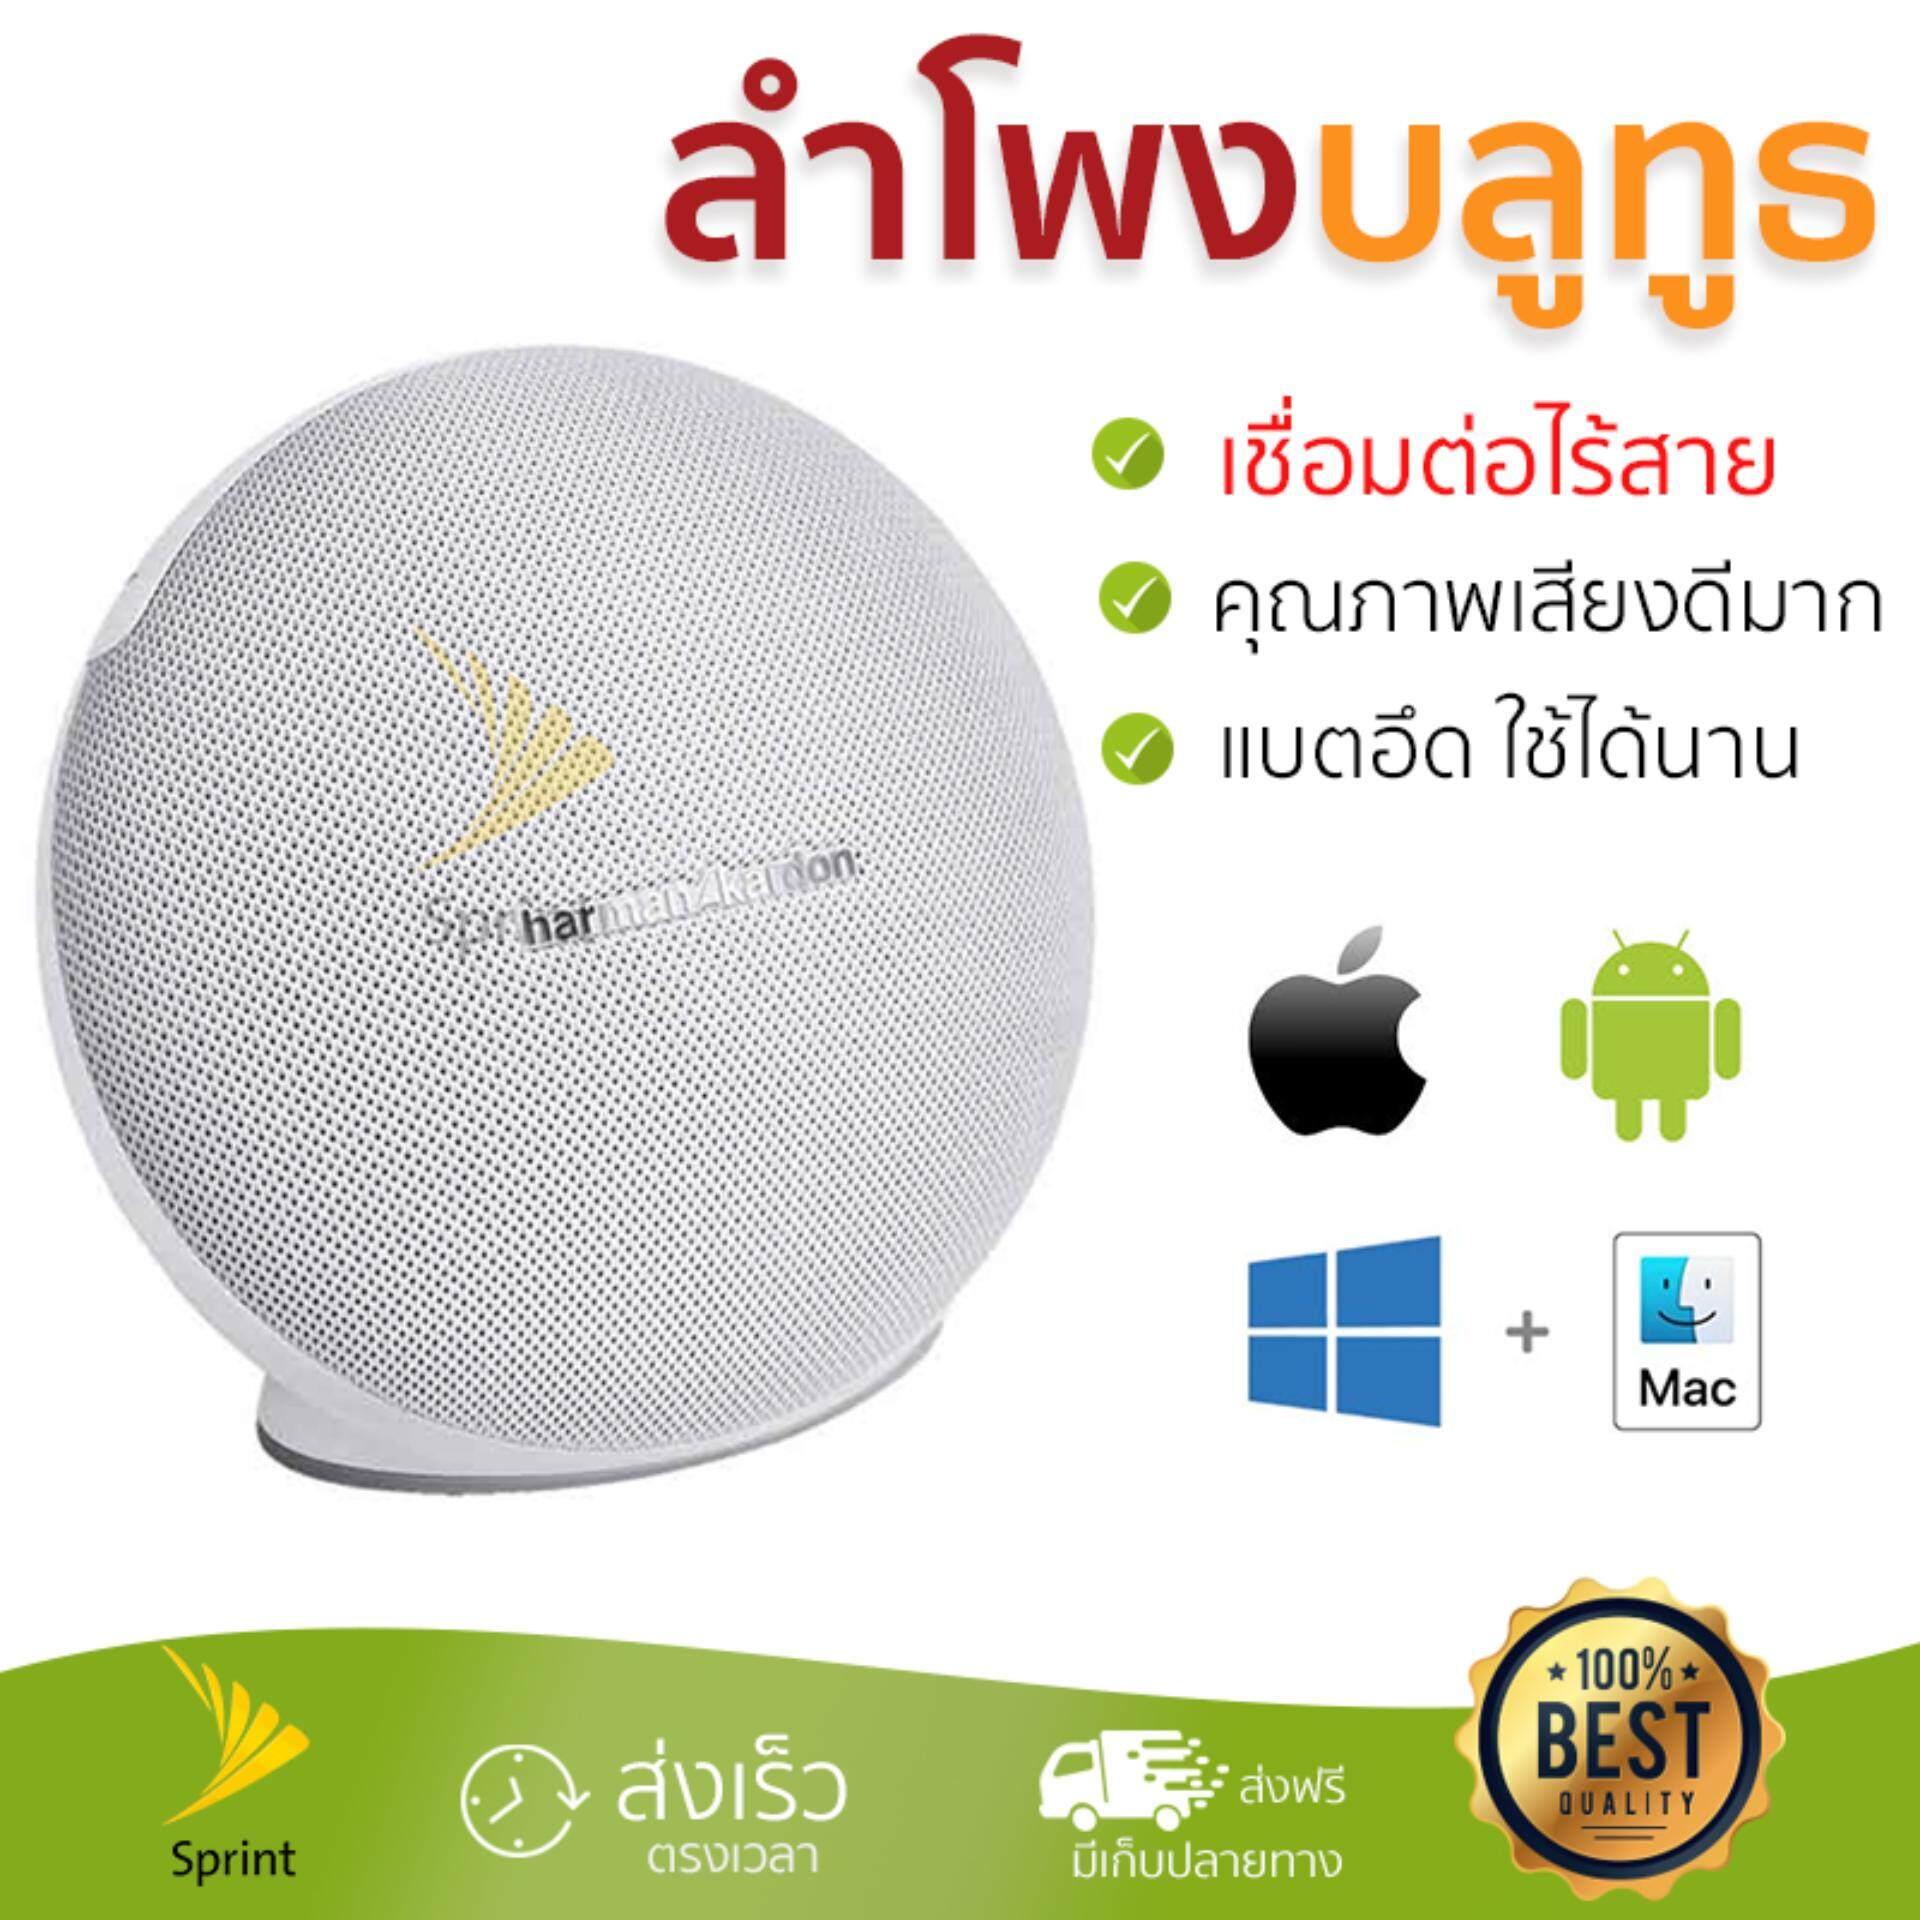 การใช้งาน  นครพนม จัดส่งฟรี ลำโพงบลูทูธ  Harman Kardon Bluetooth Speaker 2.1 Onyx Mini White เสียงใส คุณภาพเกินตัว Wireless Bluetooth Speaker รับประกัน 1 ปี